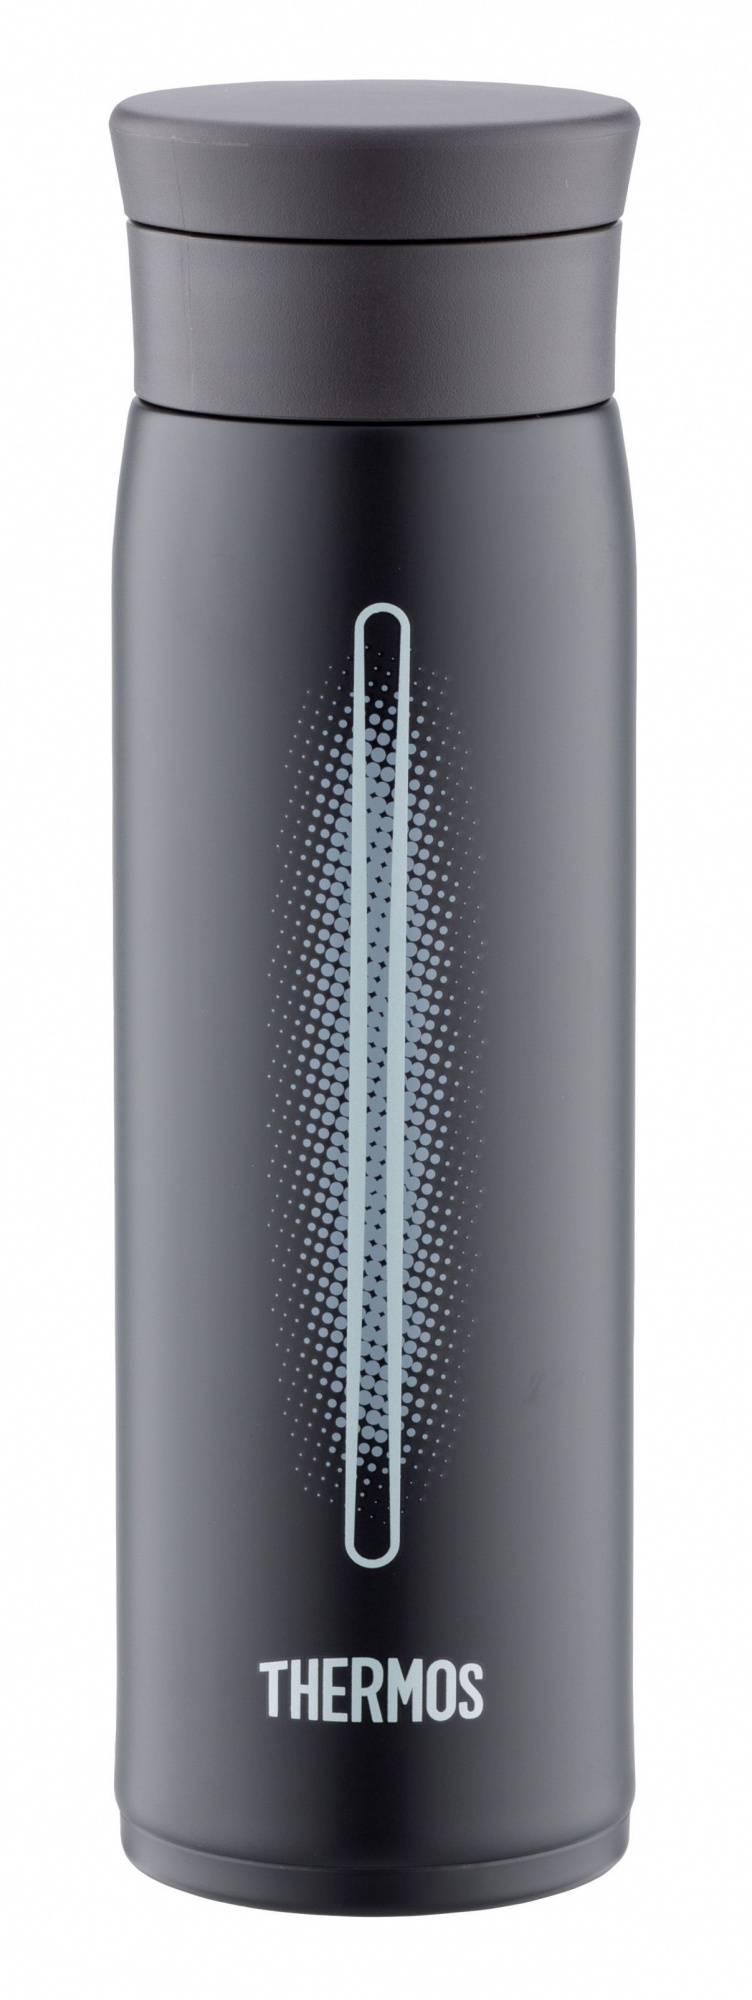 Термос Thermos JMZ600-BK SS черный - фото 1